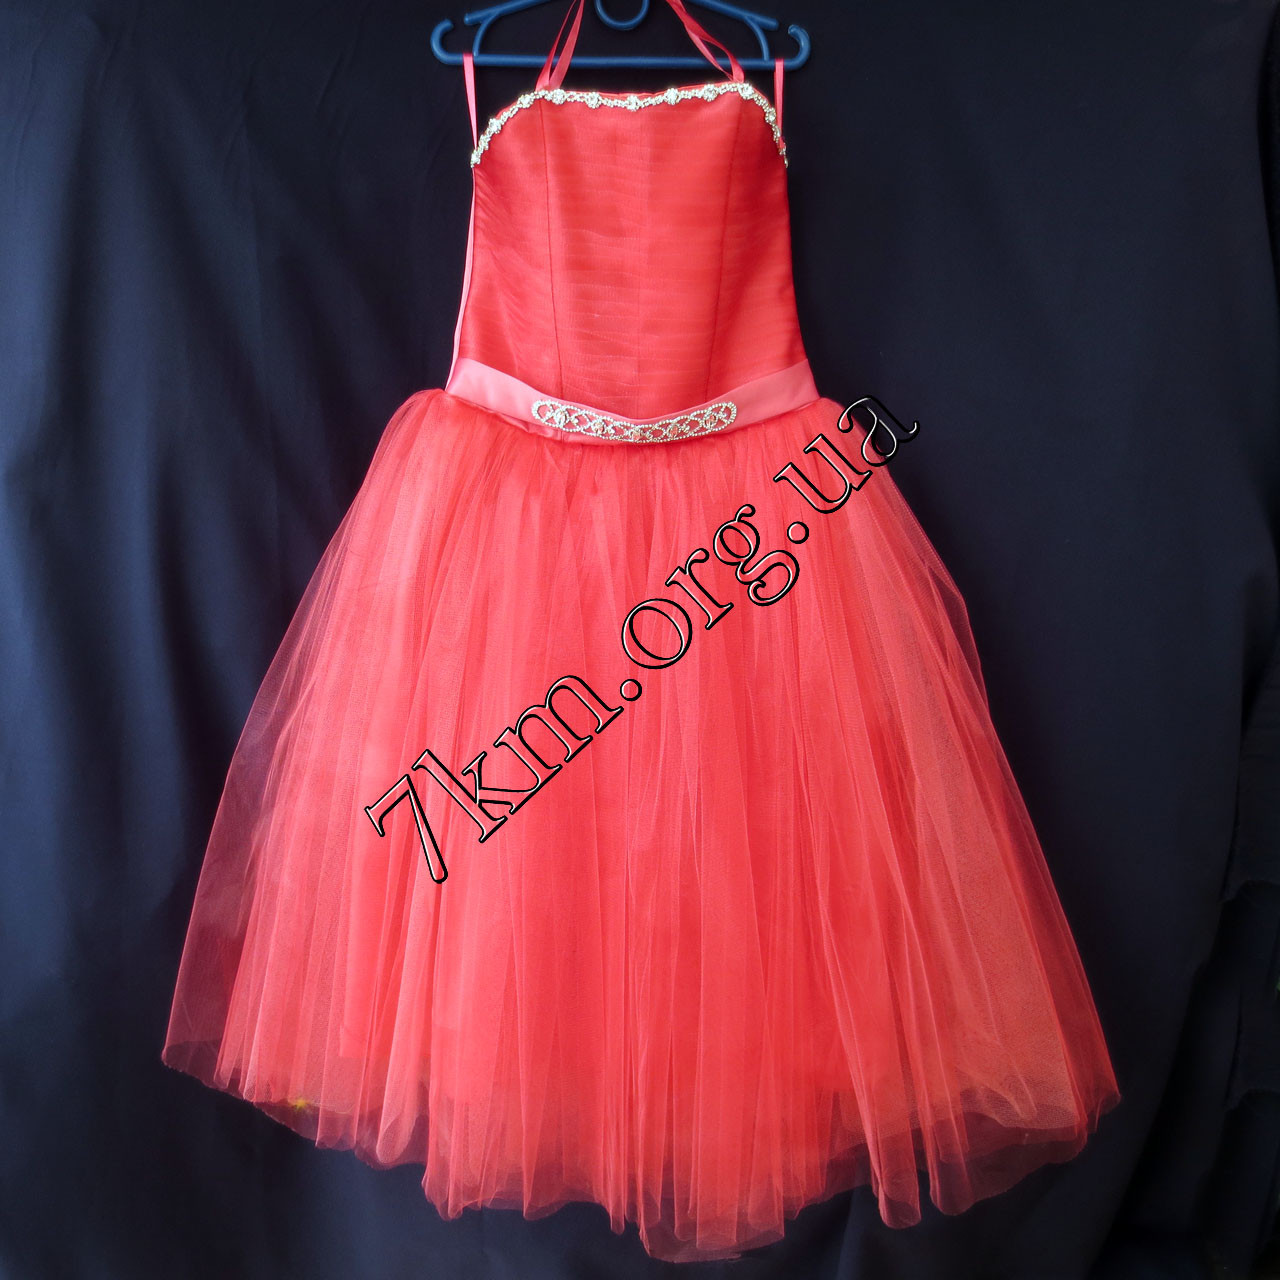 Платье нарядное бальное детское 6-7 лет Царевна коррал Украина оптом.